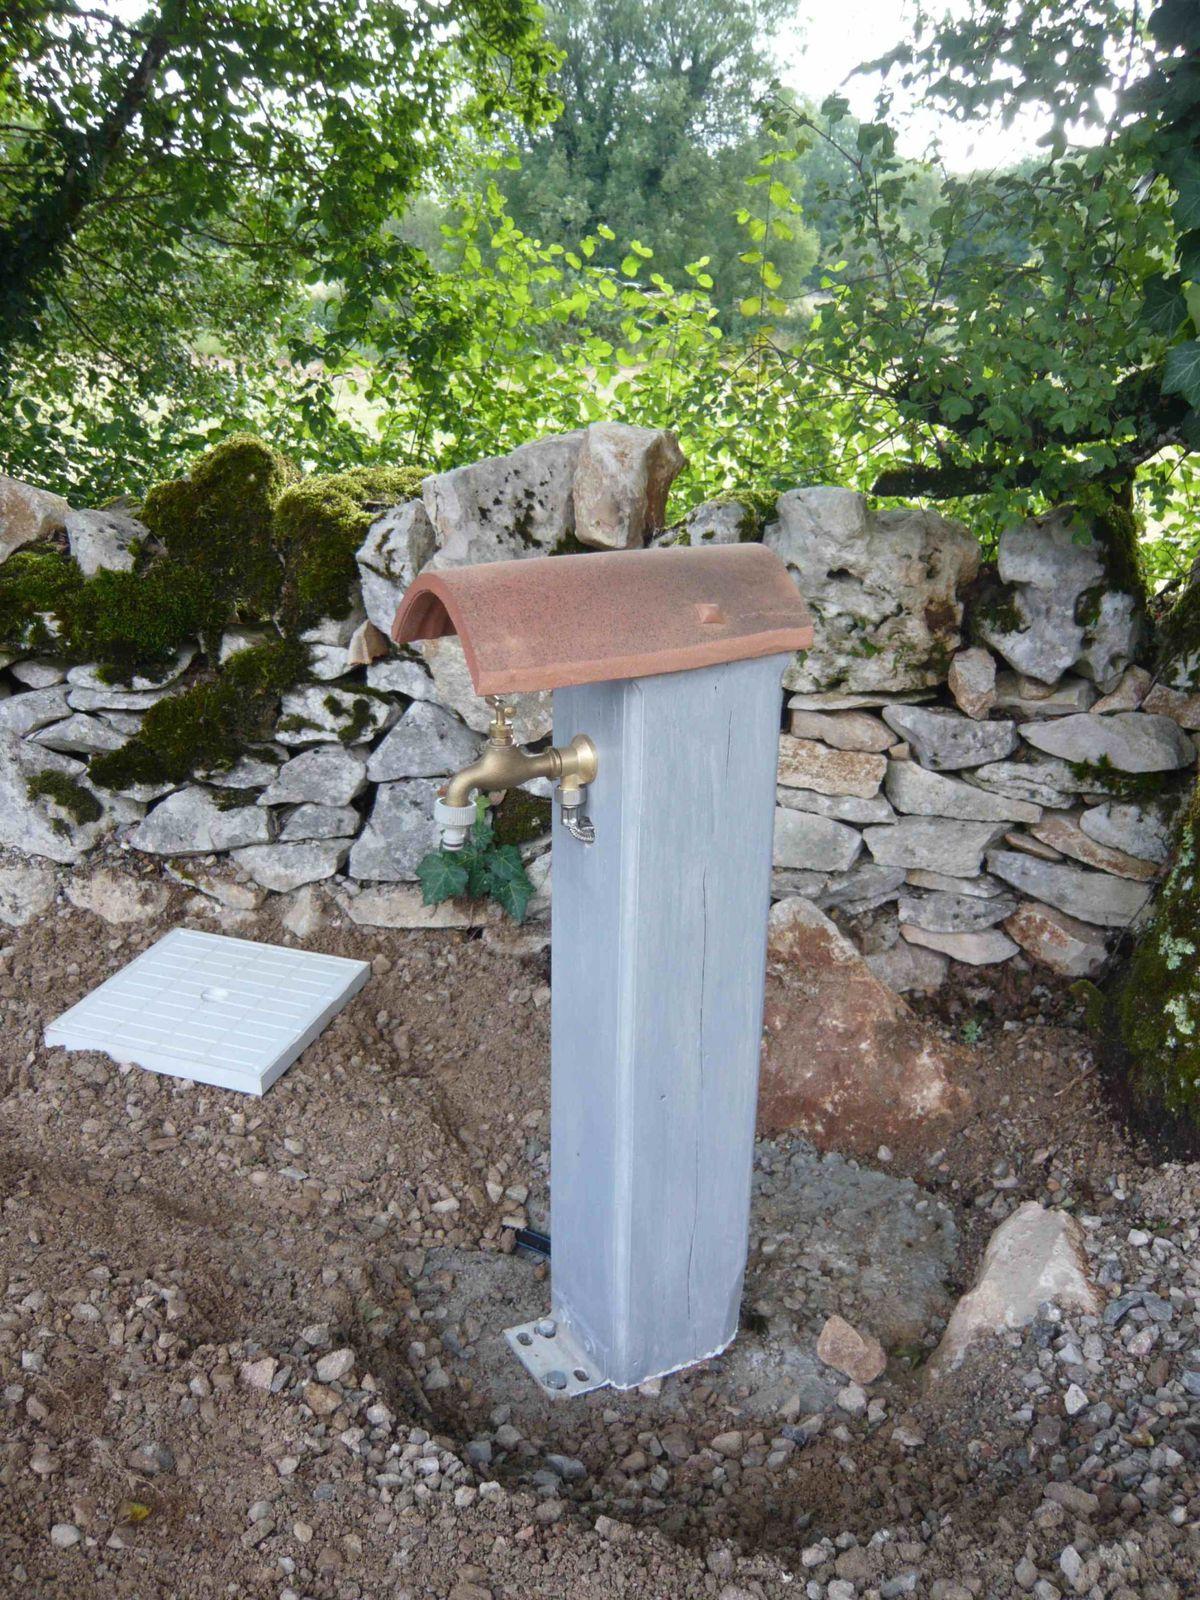 Comment Construire Une Fontaine Exterieure fontaine ou borne à eau pour l'arrosage extérieur - blog de